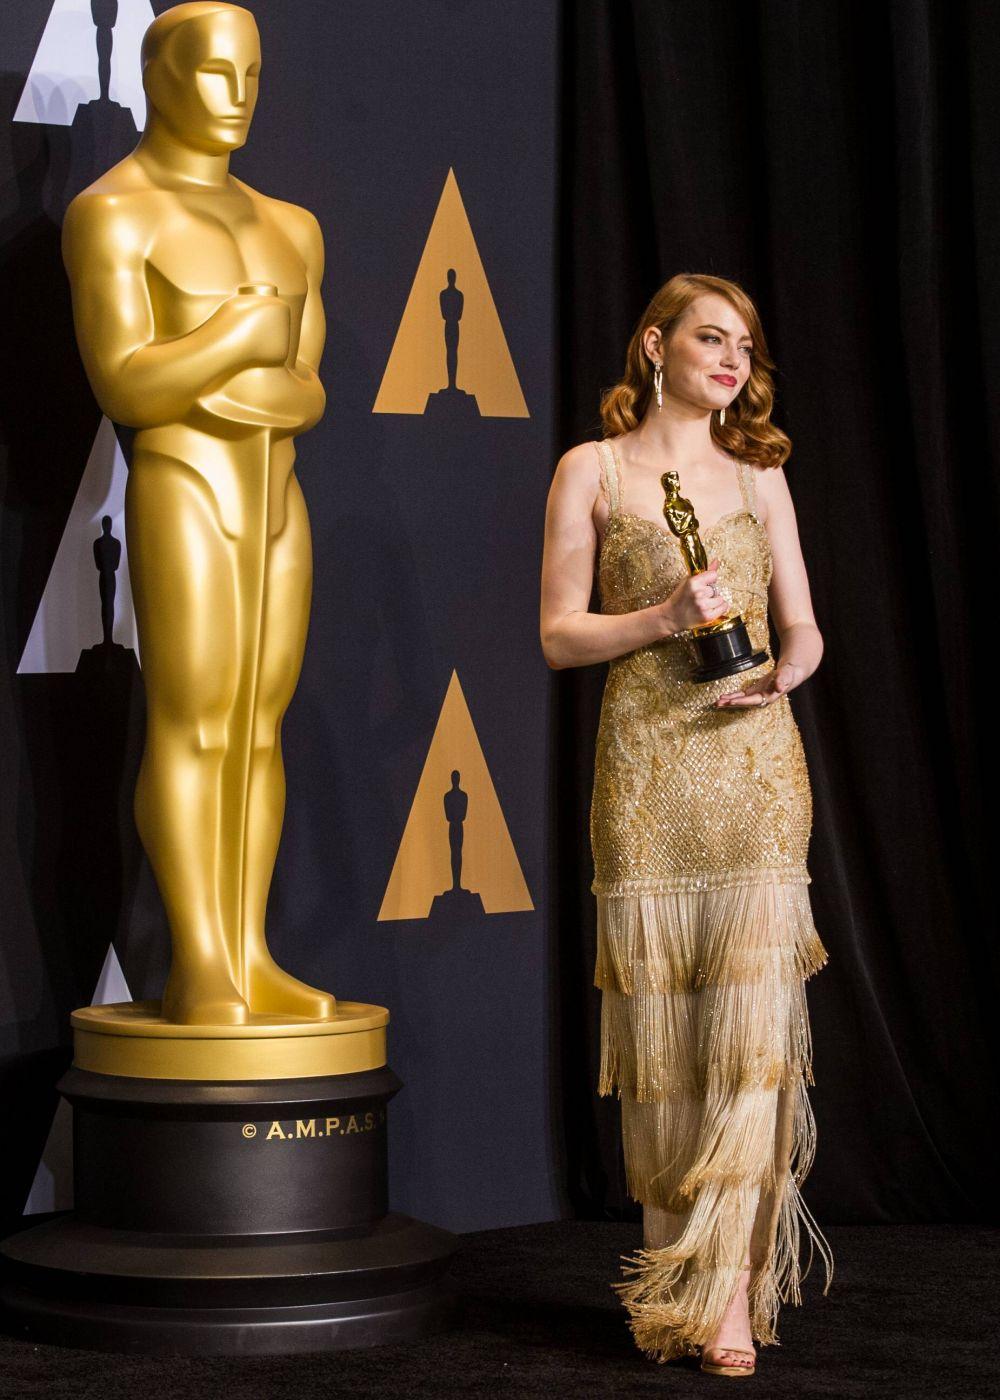 Звезда фильма «Ла-ла лэнд» Эмма Стоун не только забрала статуэтку в номинации «Лучшая женская роль», но и стала одной из самых ярких знаменитостей на красной дорожке. Платье от Givenchy невероятно подчеркнуло красоту актрисы